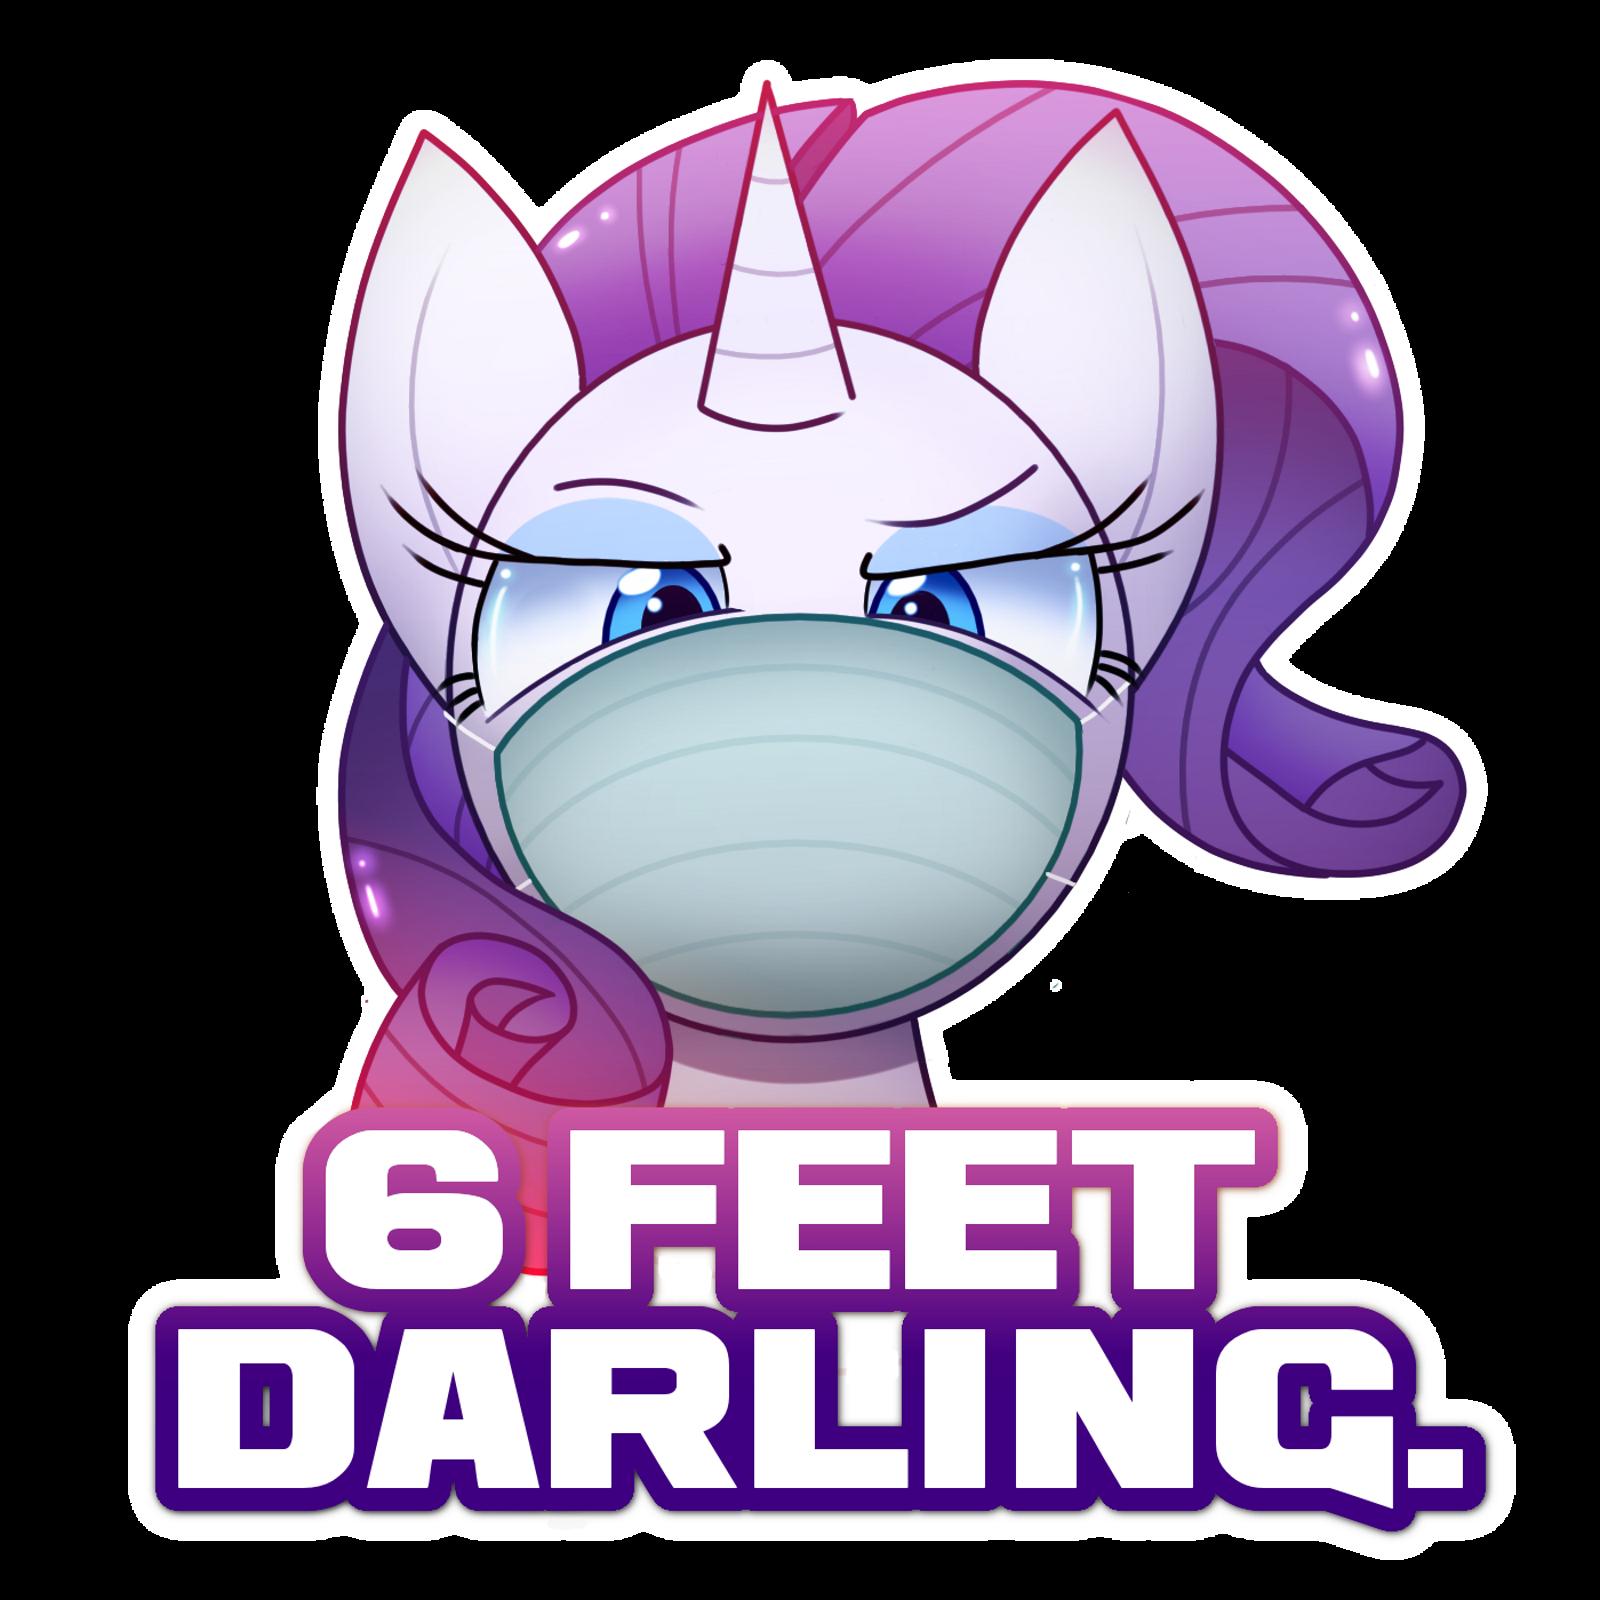 6 Feet Darling